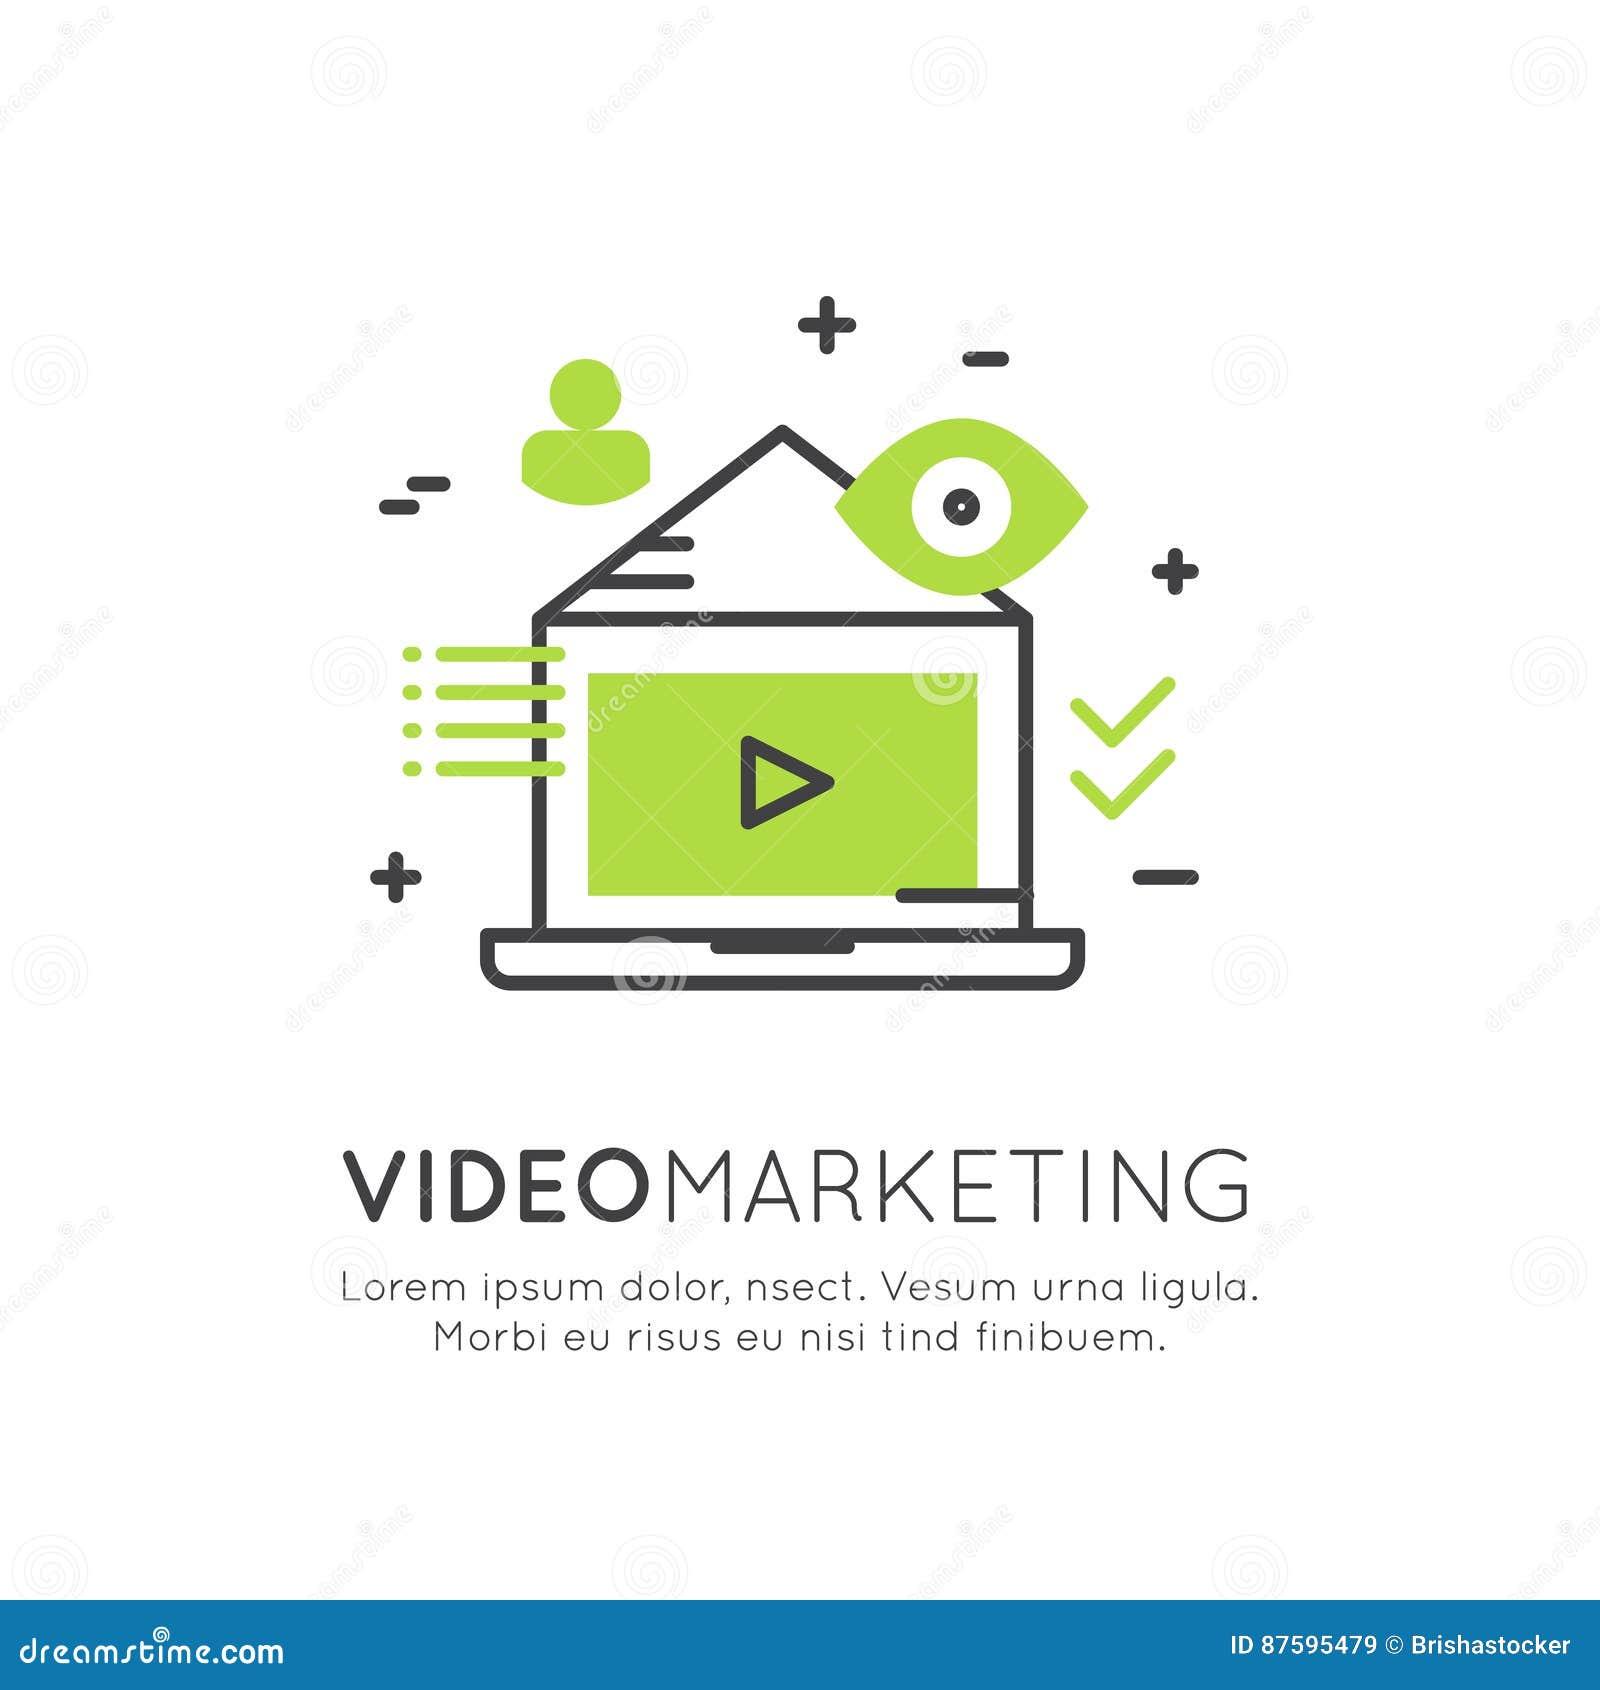 Illustration des Videomarketings, der Internet-E-Mail oder der beweglichen Mitteilungen und des Angebot-Marketings und der Sozial